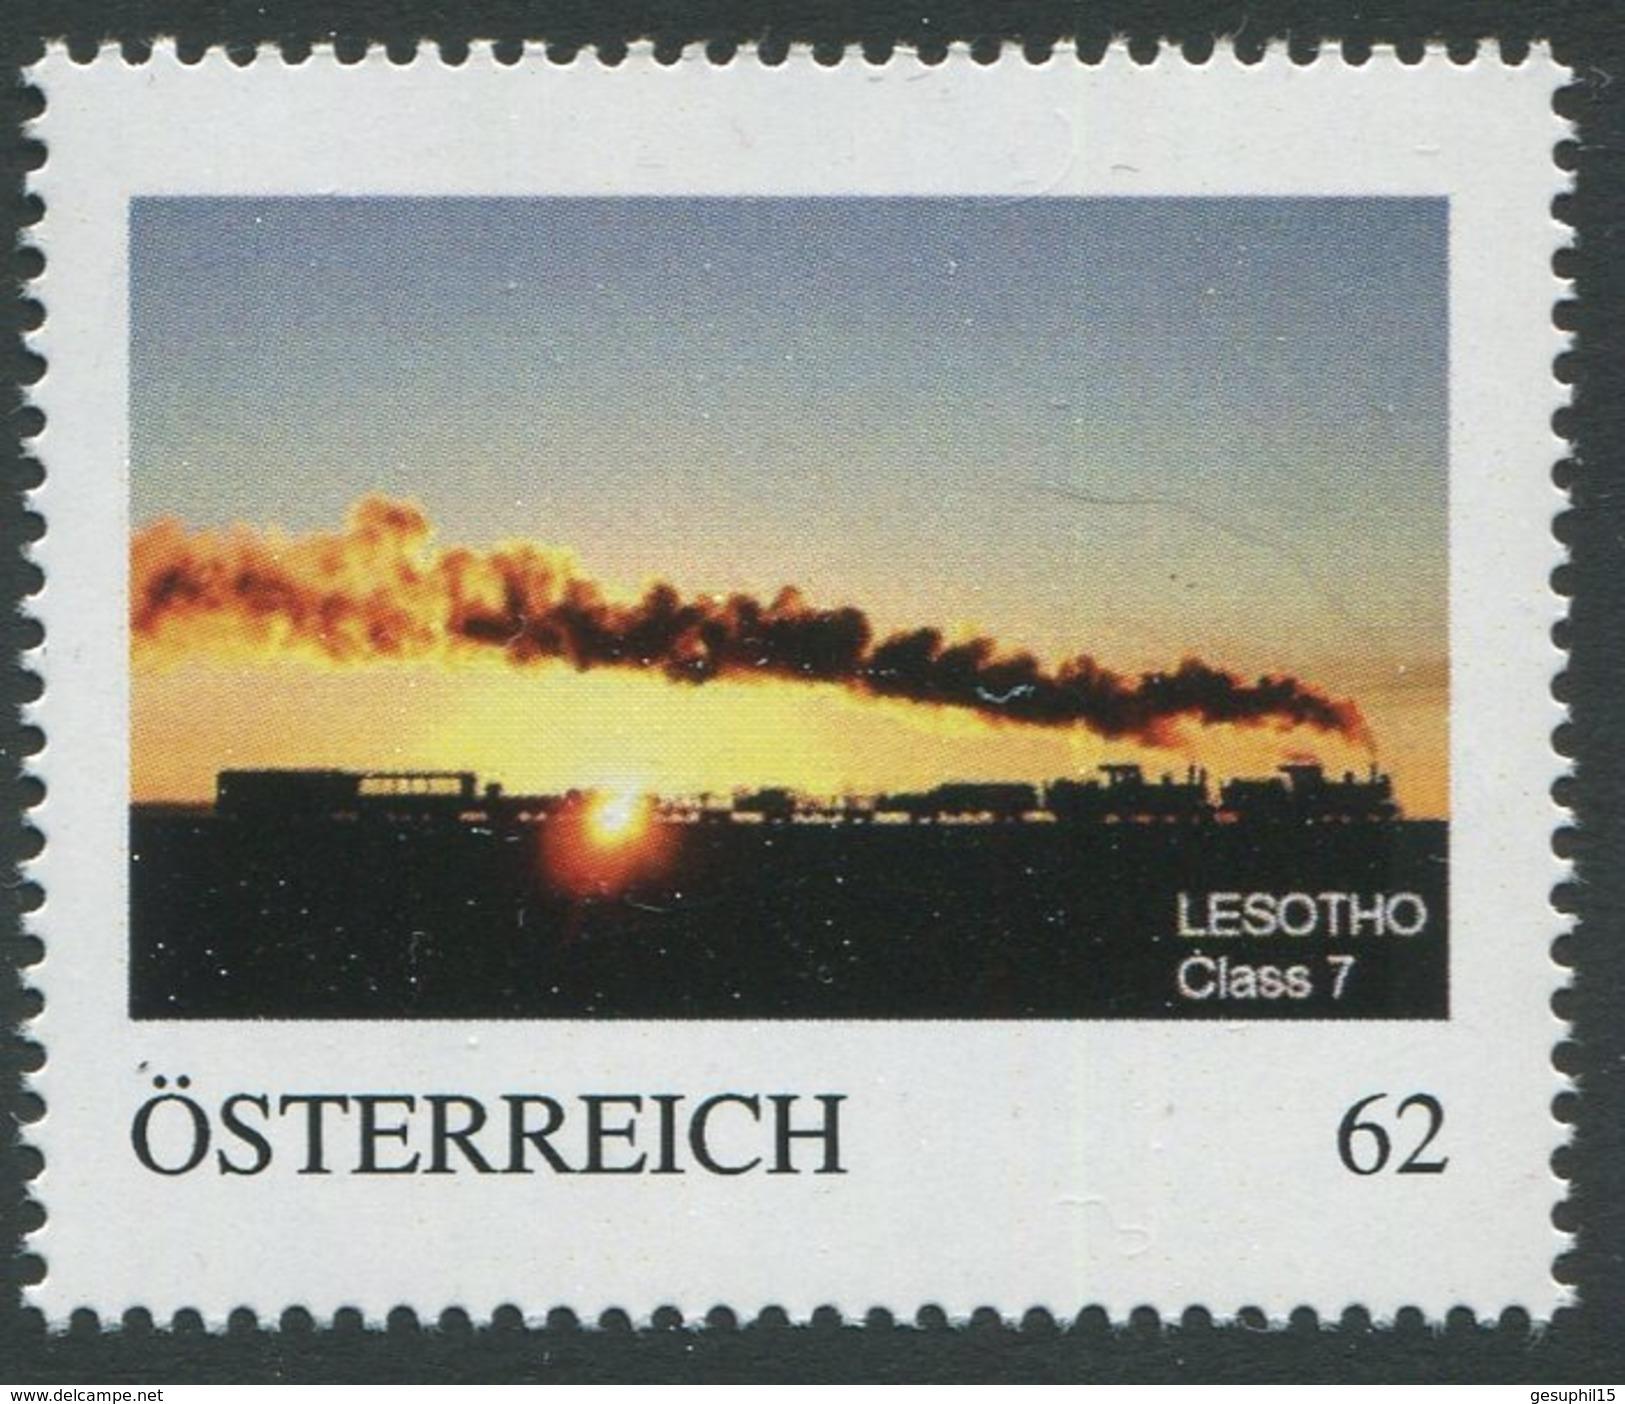 ÖSTERREICH / Lokomotive Mit Anhänger Lesotho Class 7 / Postfrisch / ** / MNH - Österreich